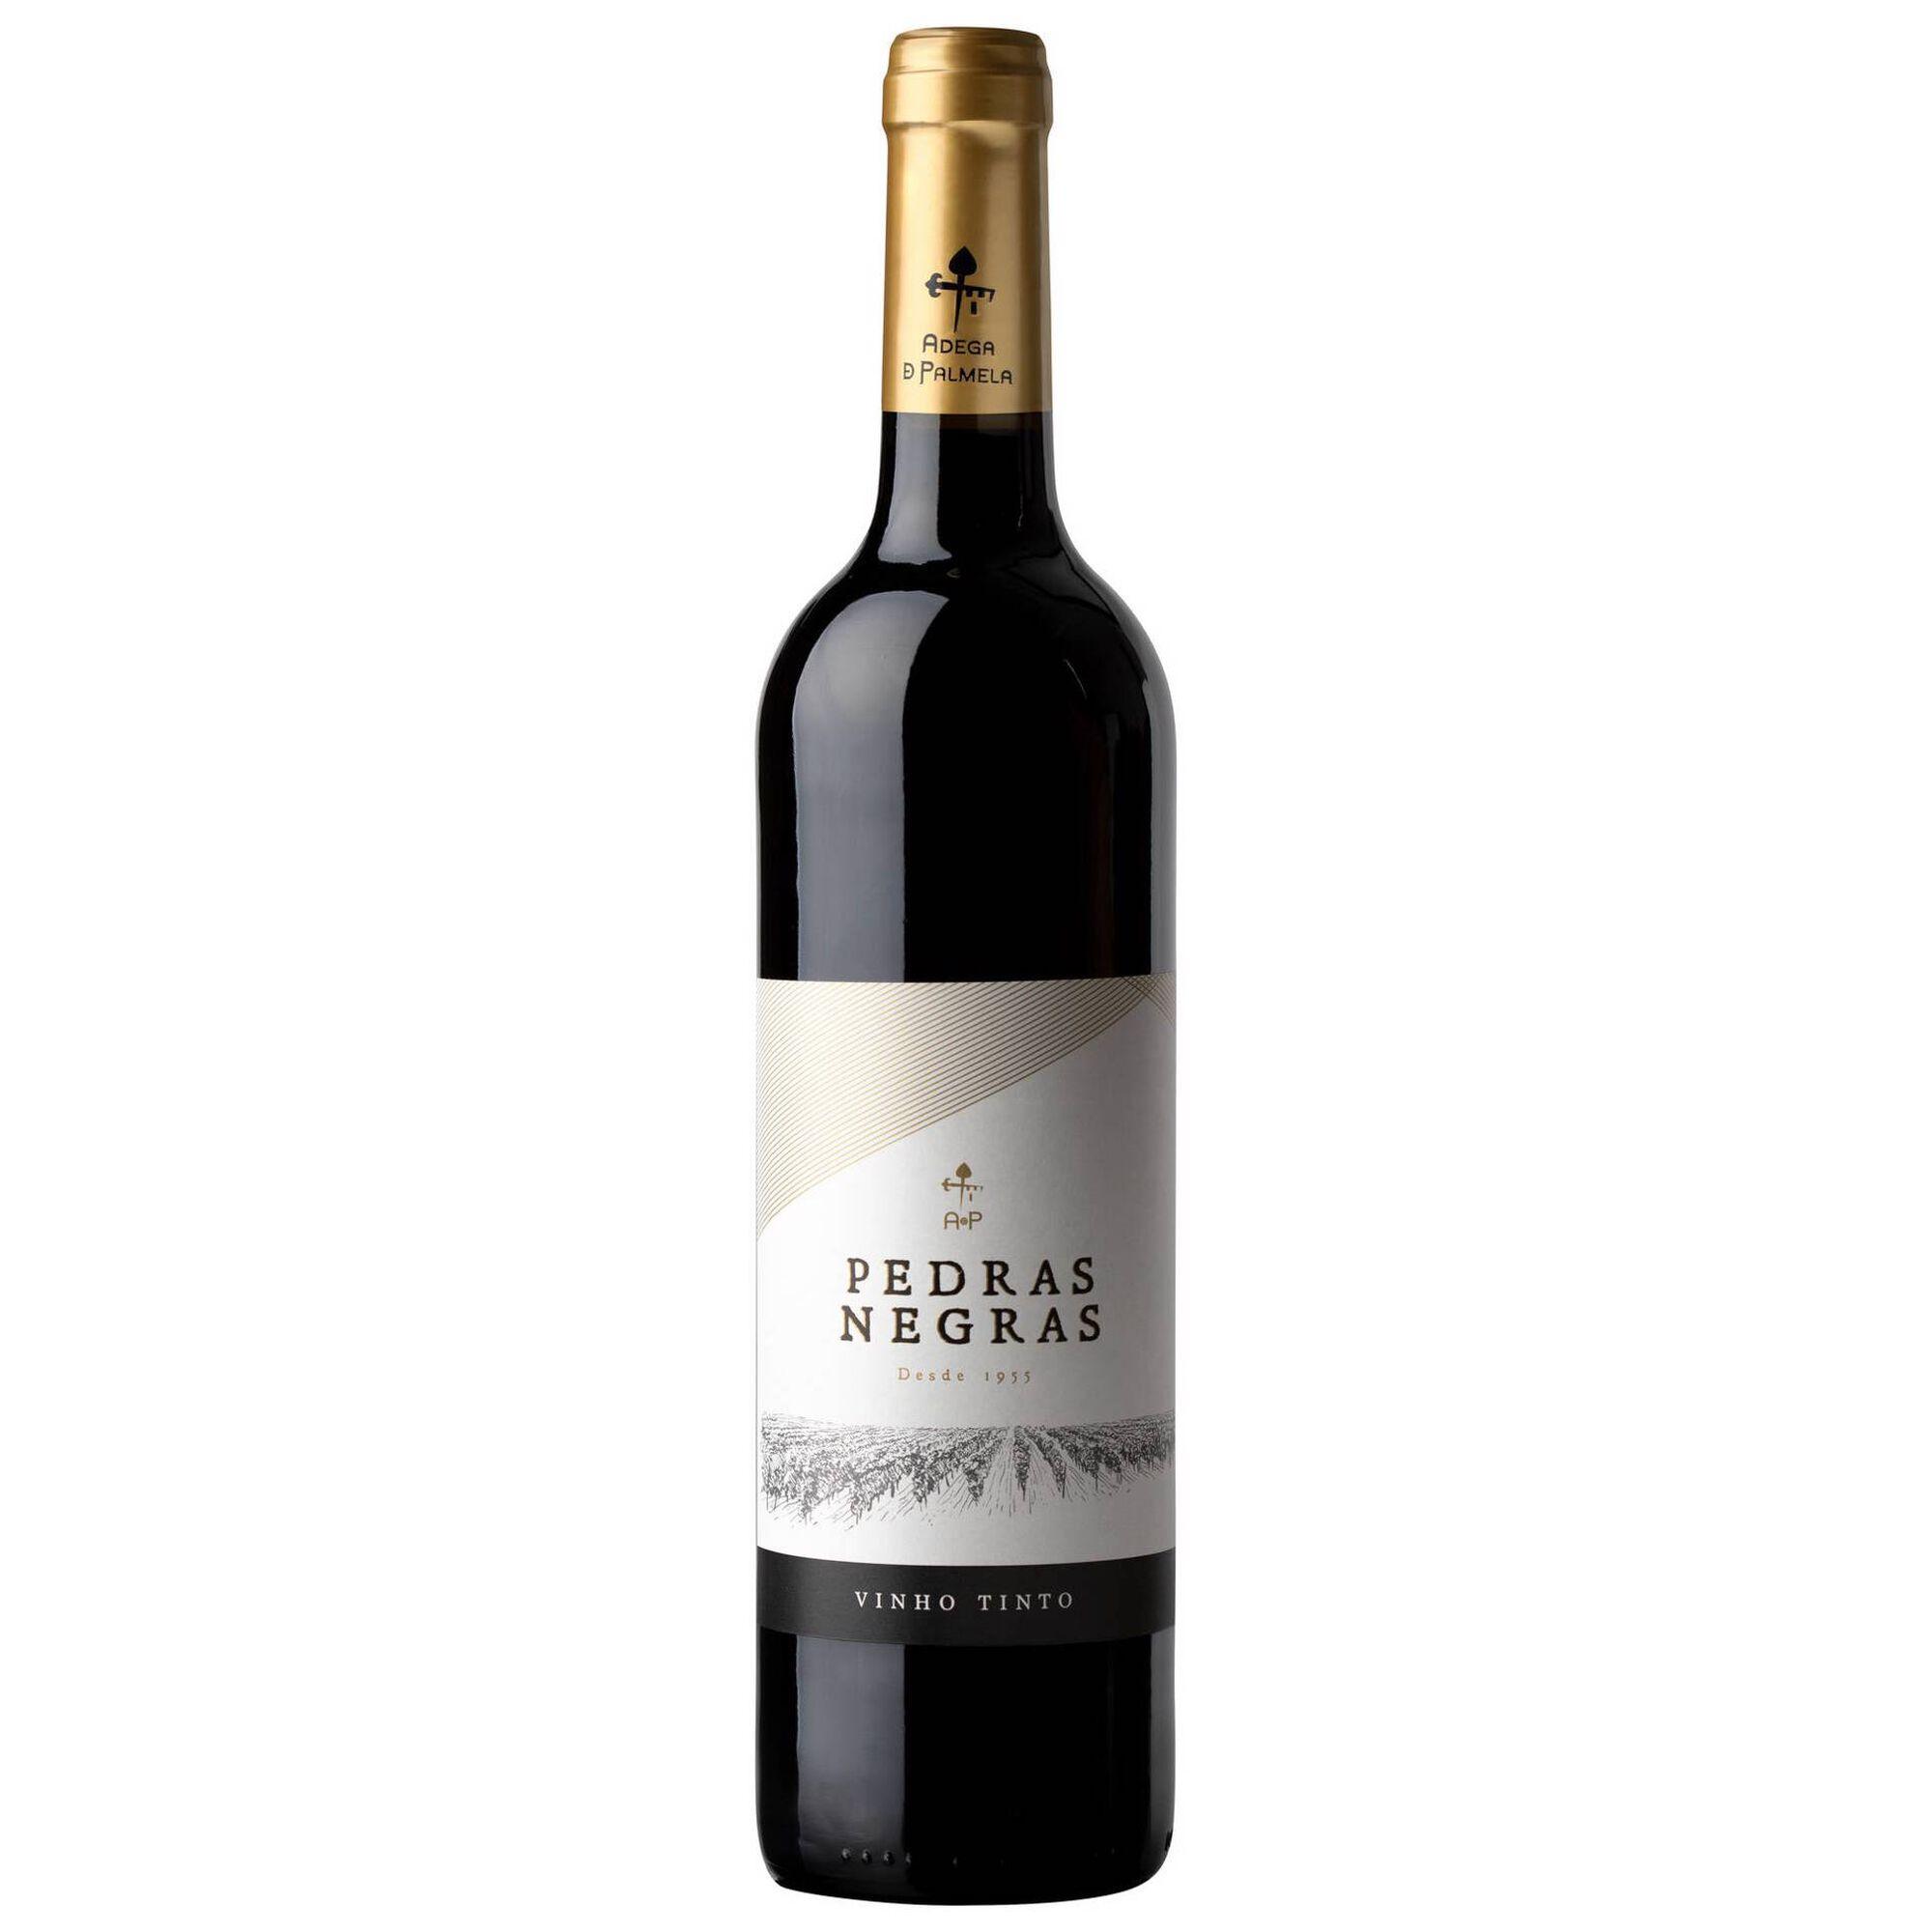 Pedras Negras Vinho Tinto